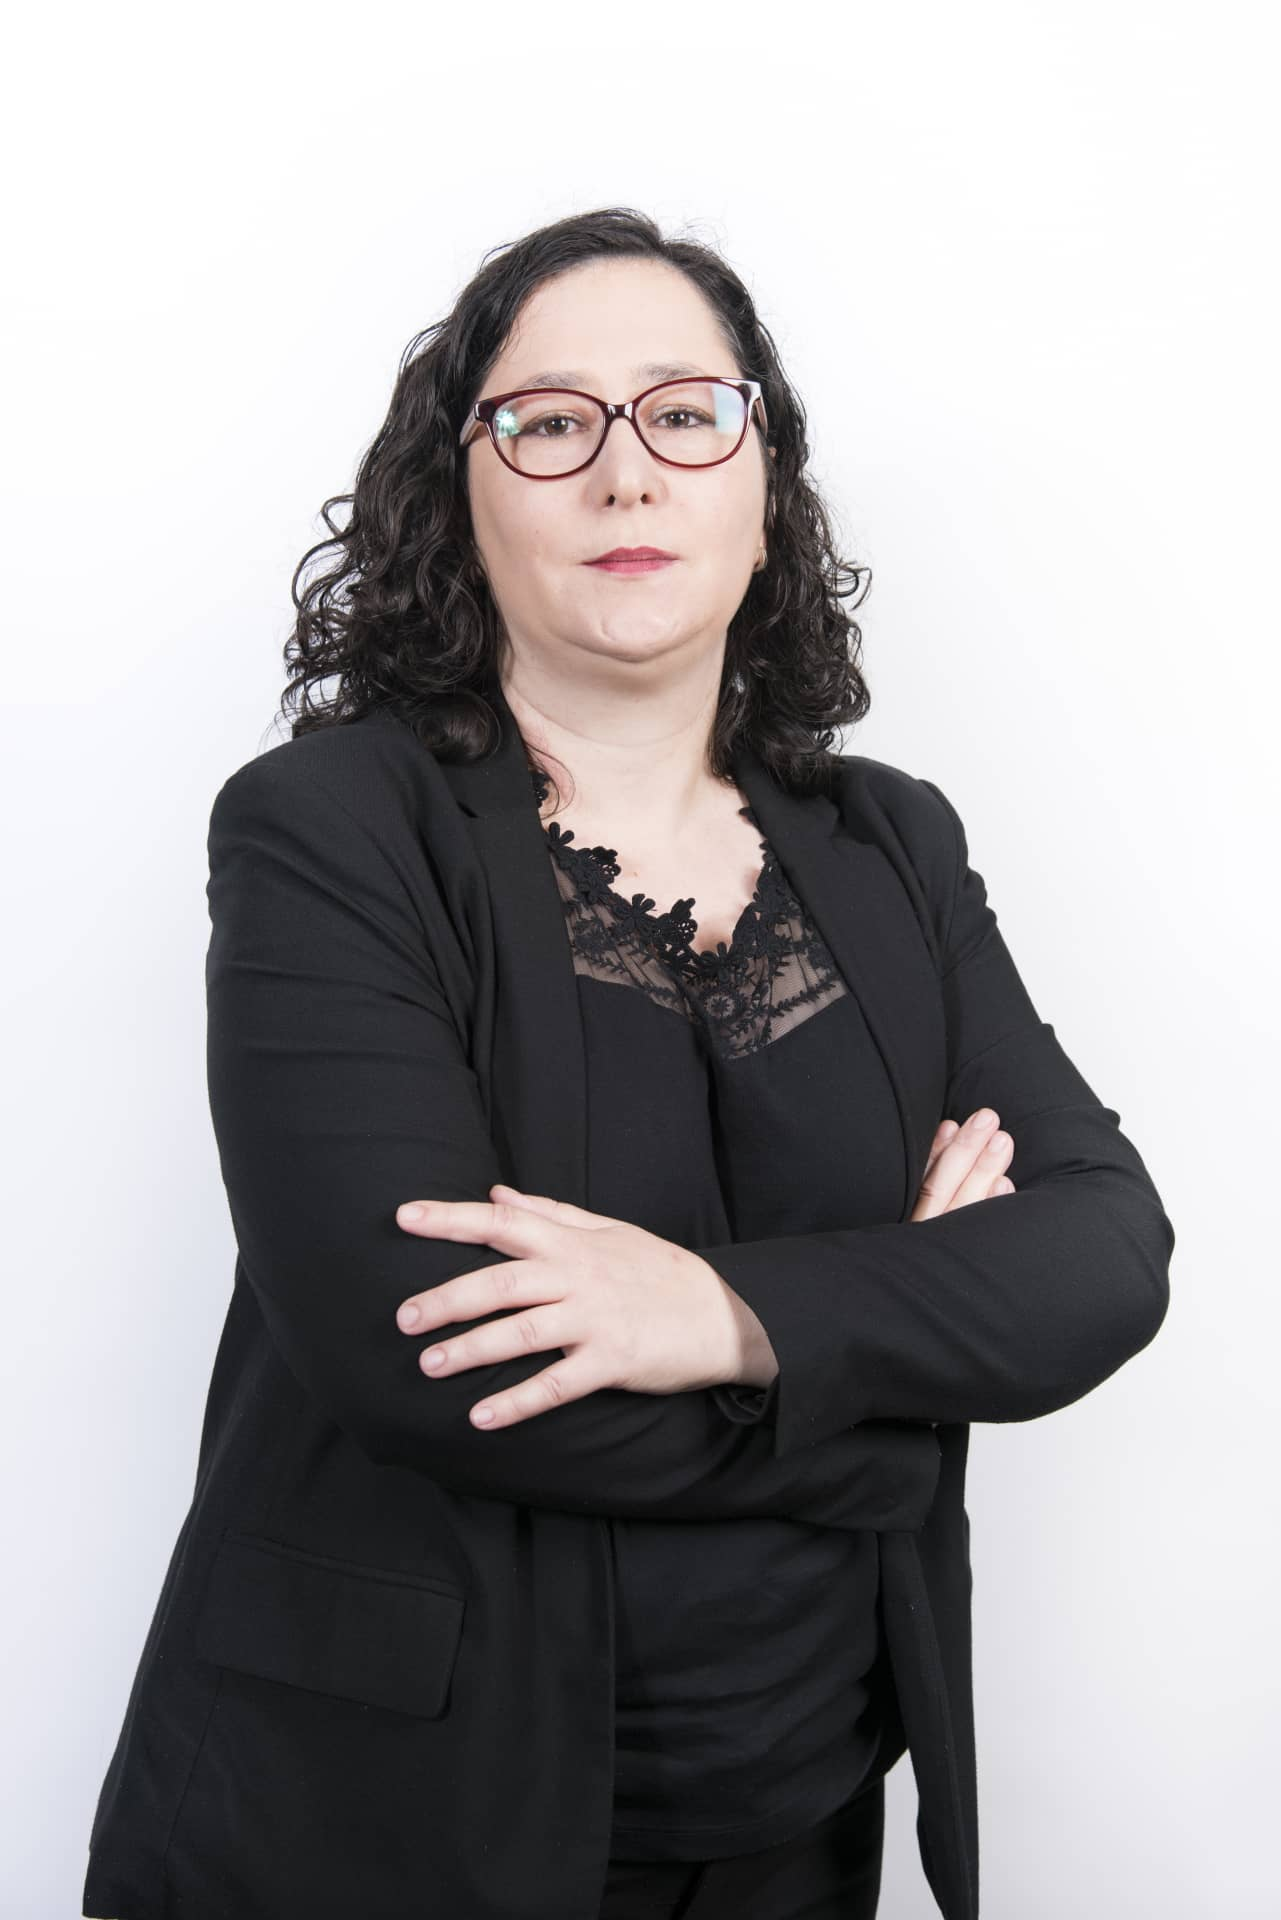 Ana Tavares Nogueira